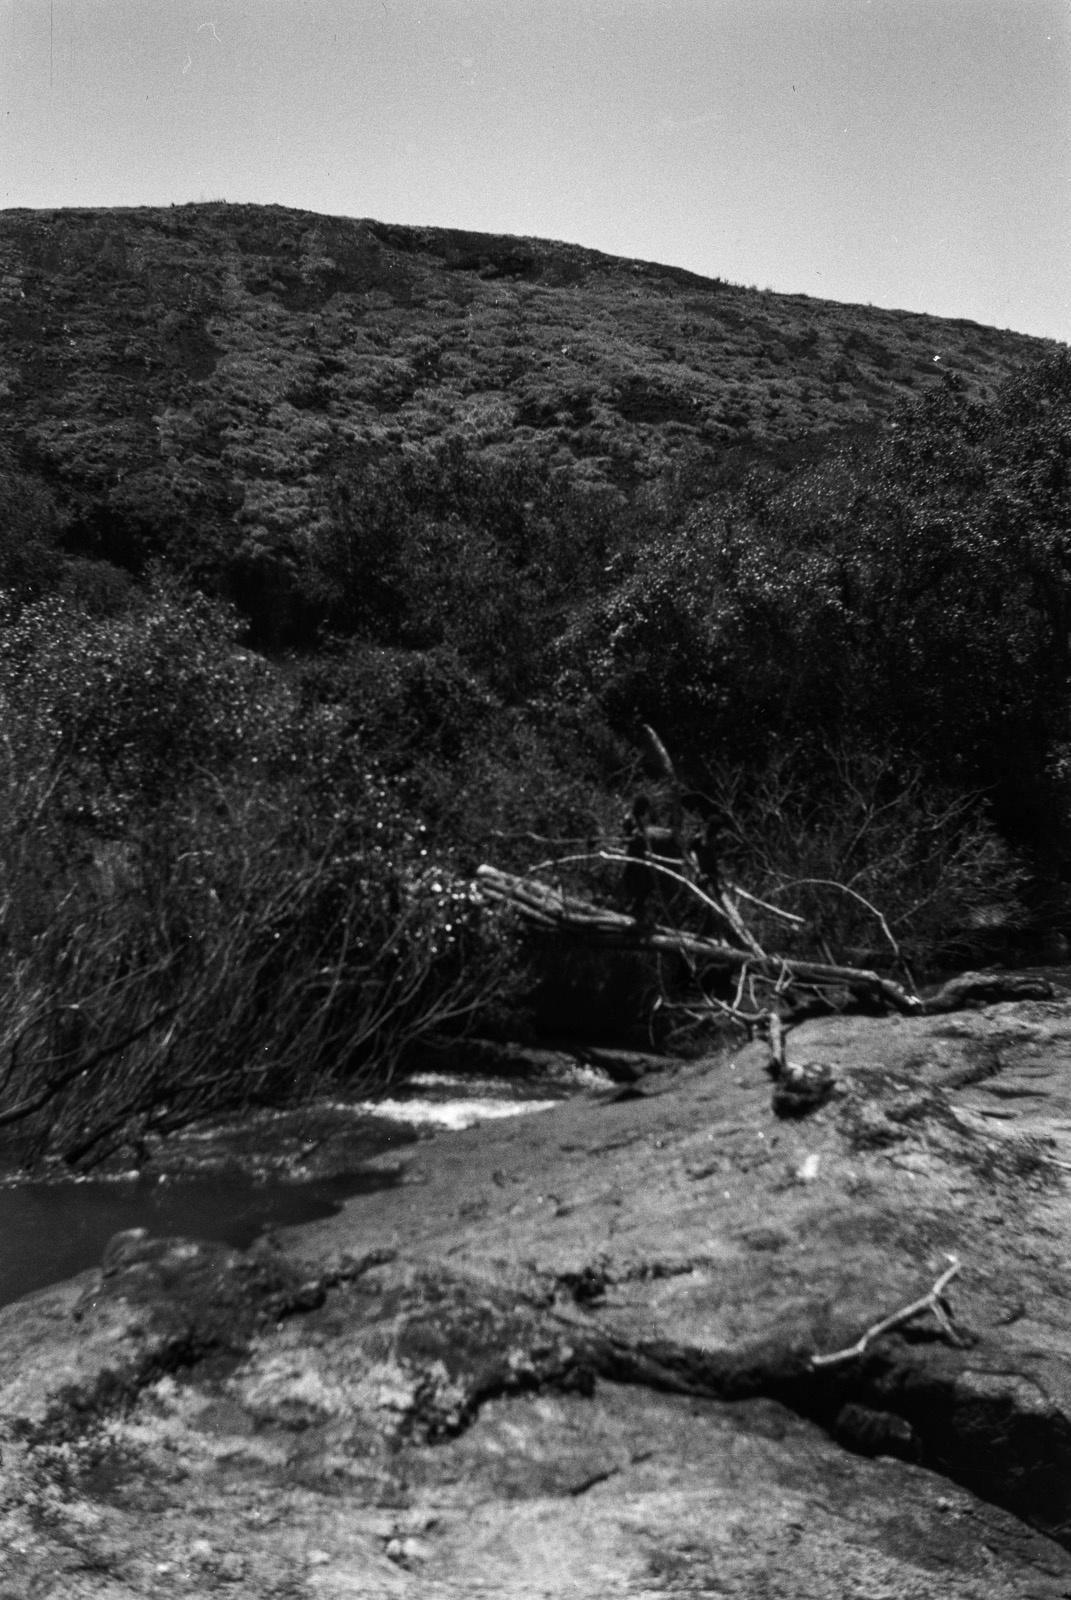 Между Капири Мпоши и рекой Лунсемфва. Маленький простой мост через реку Лунчу